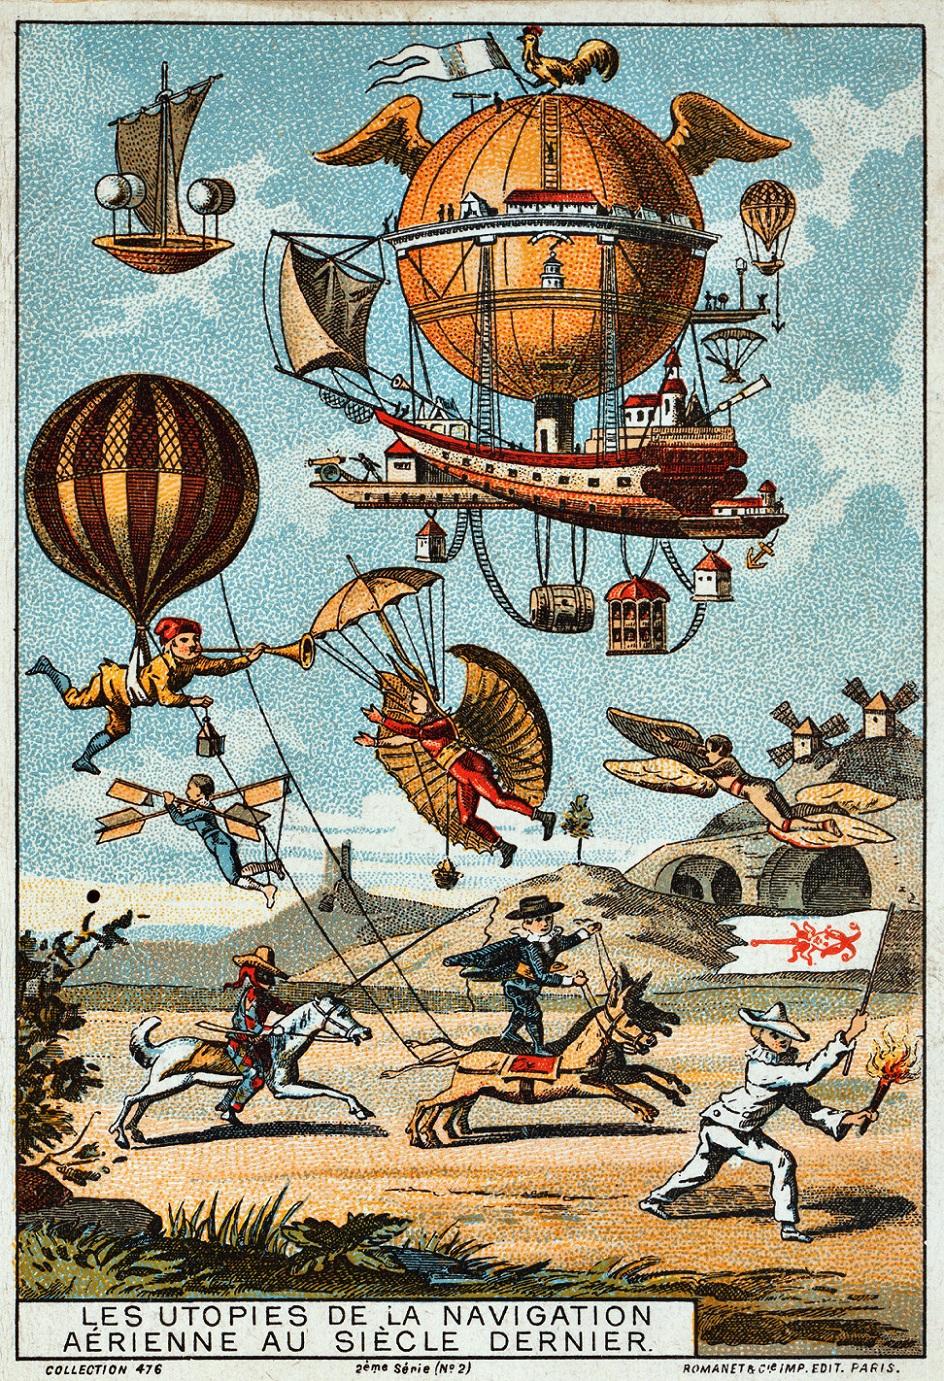 Стимпанк. Плакат «Утопии о летательных аппаратах» в стиле стимпанк. Конец XIX века